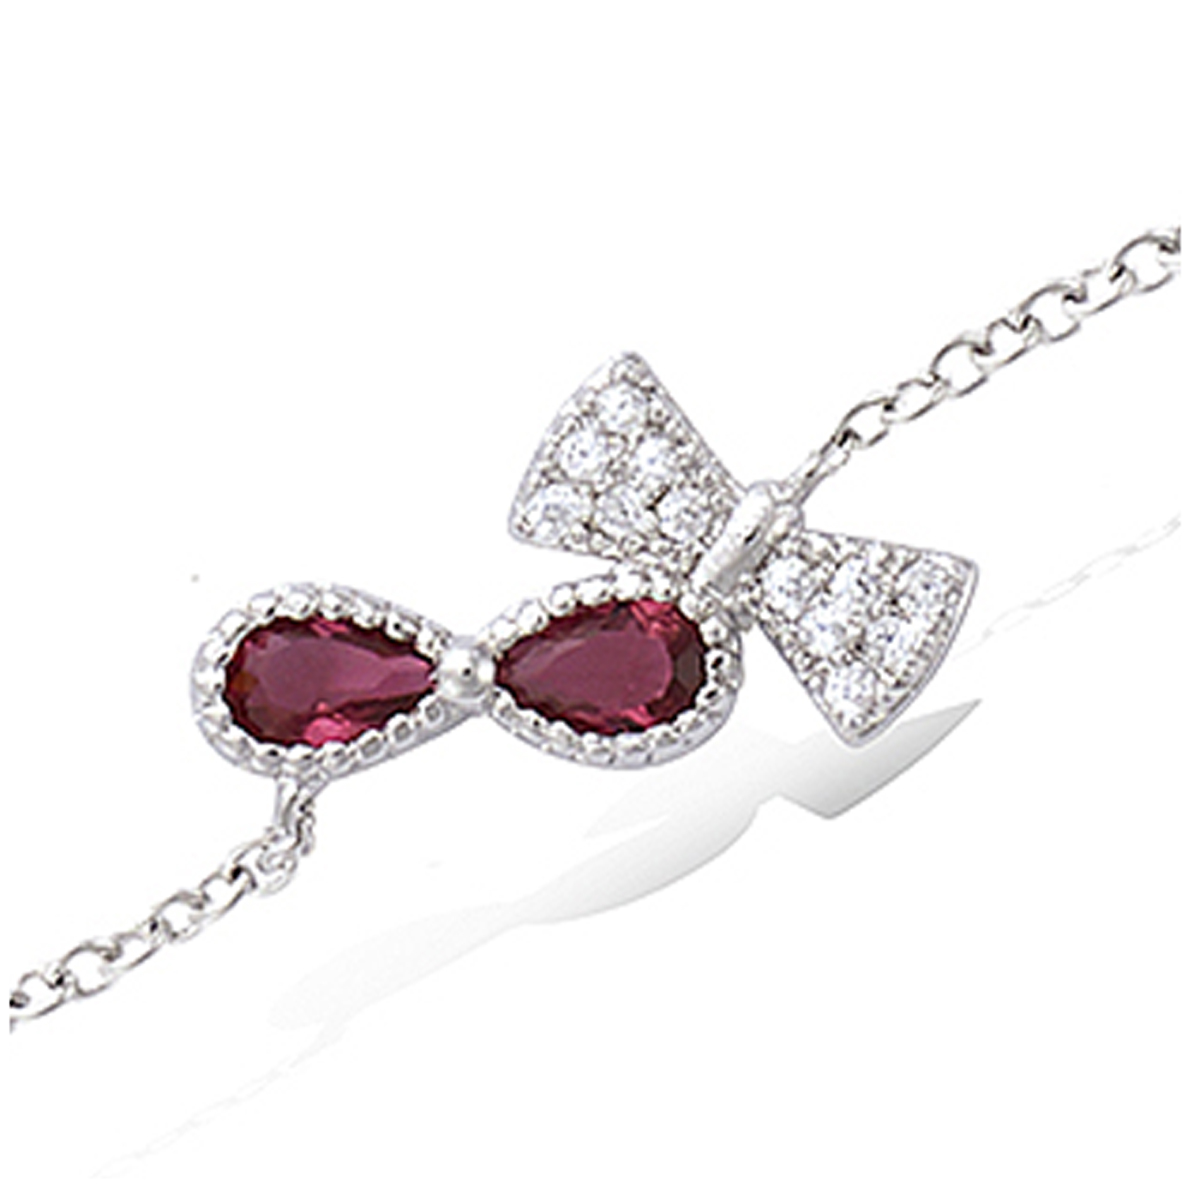 Bracelet Argent \'Noeud Romantique\' rubis blanc (rhodié) - 17x10 mm - [P1262]